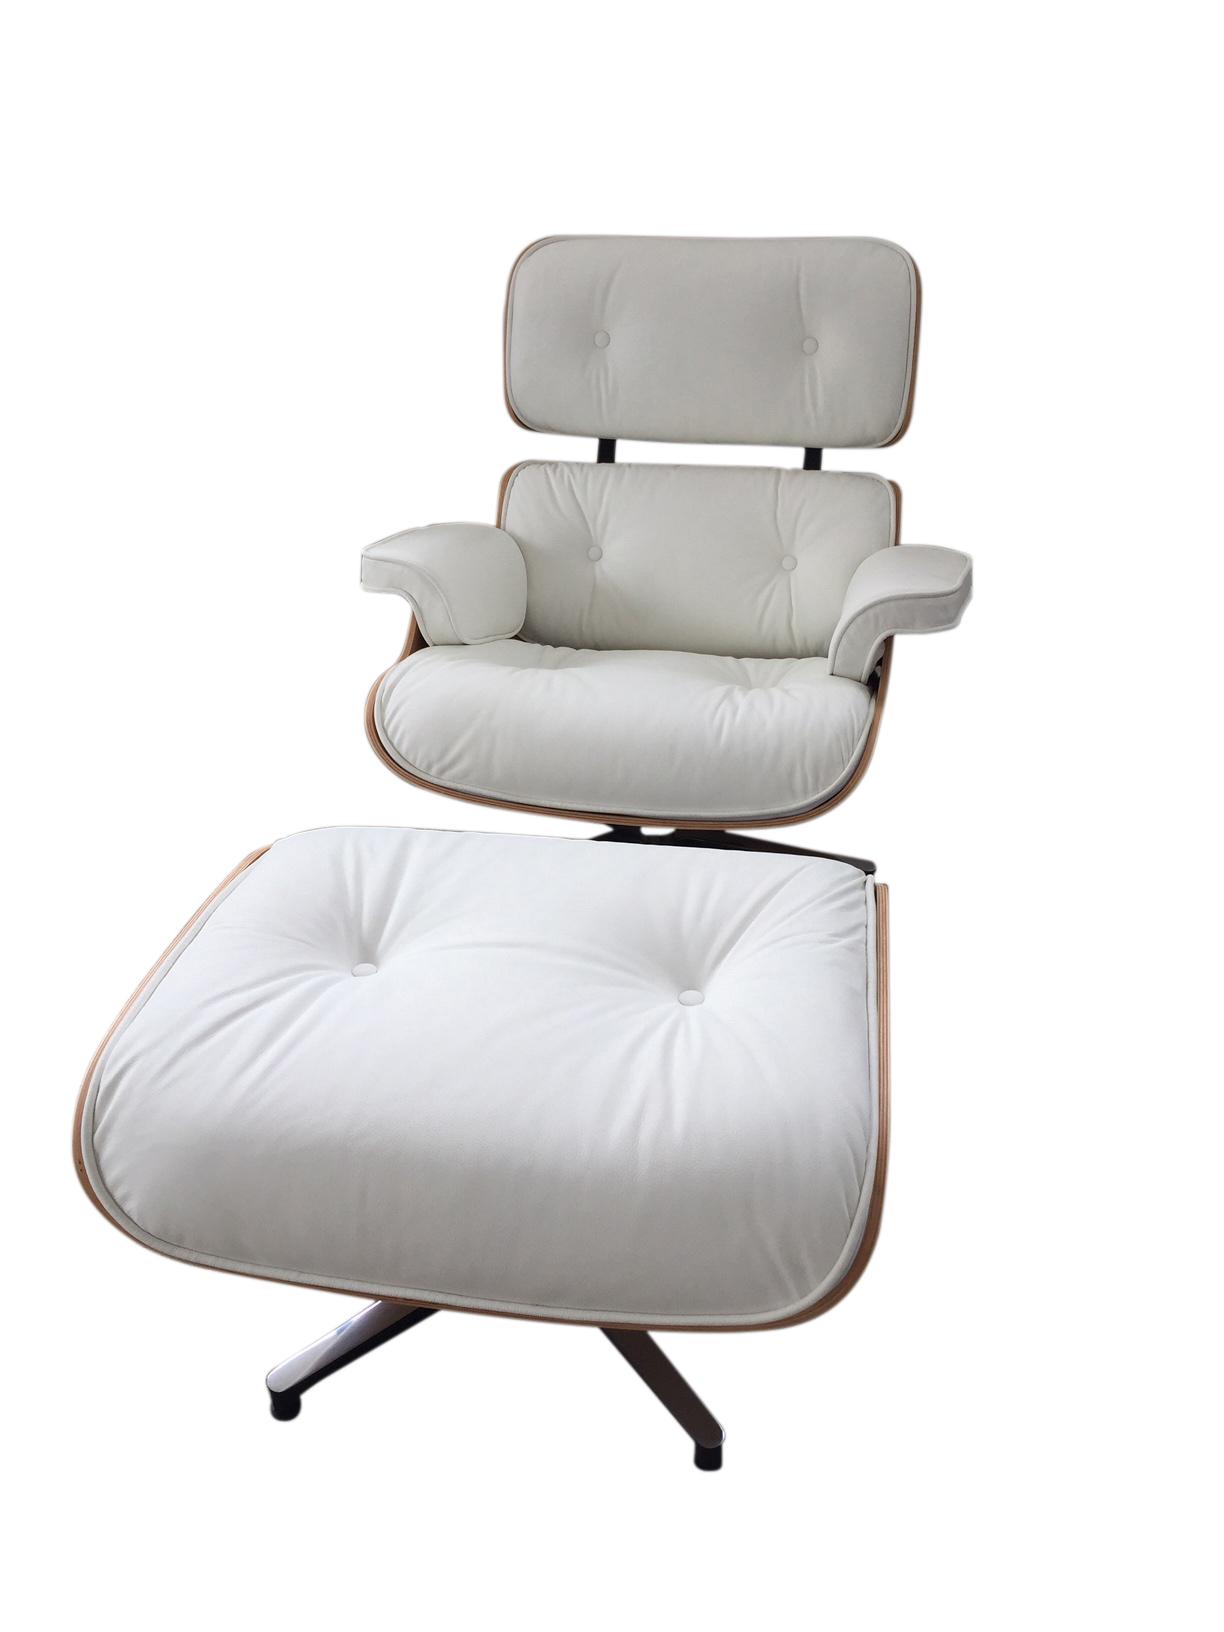 Poltrona Lounge Chair + puff in pelle bianca e legno frassino ...